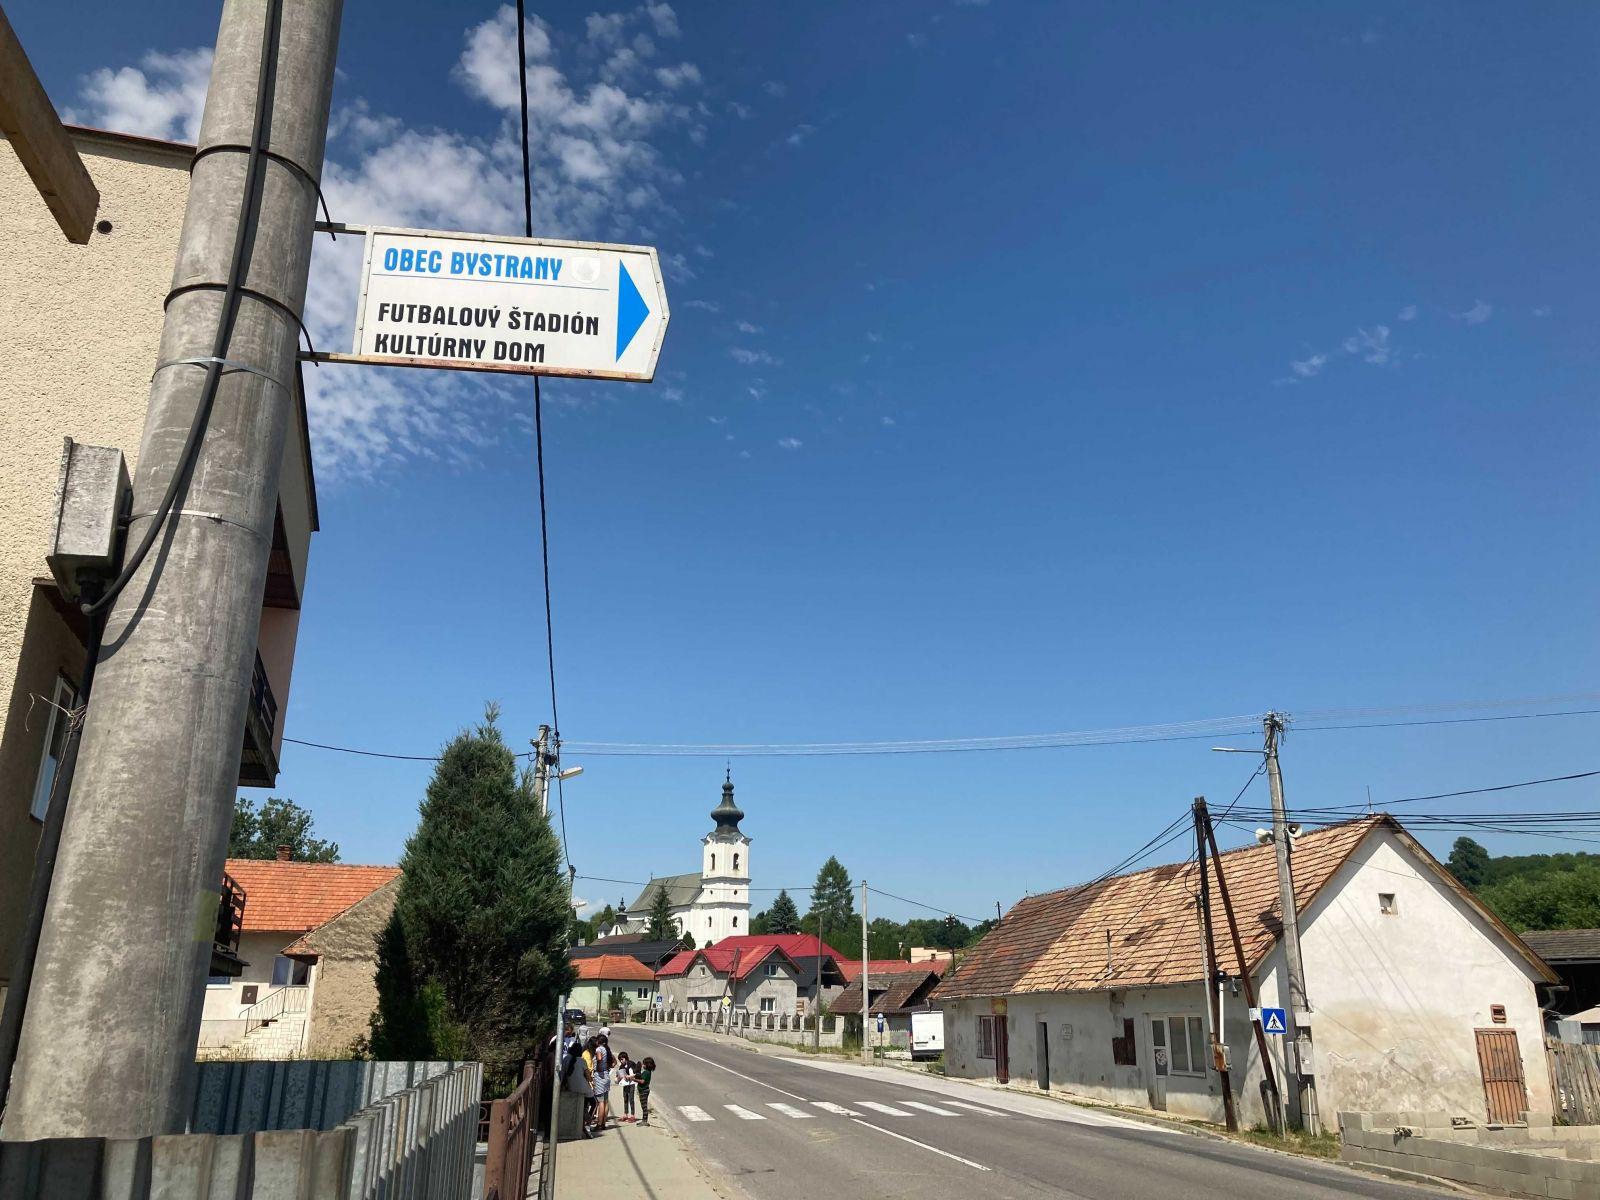 Boli sme sa pozrieť, ako prebieha očkovanie rómskych komunít. V Bystranoch mali domáci na vakcínu jasný názor.